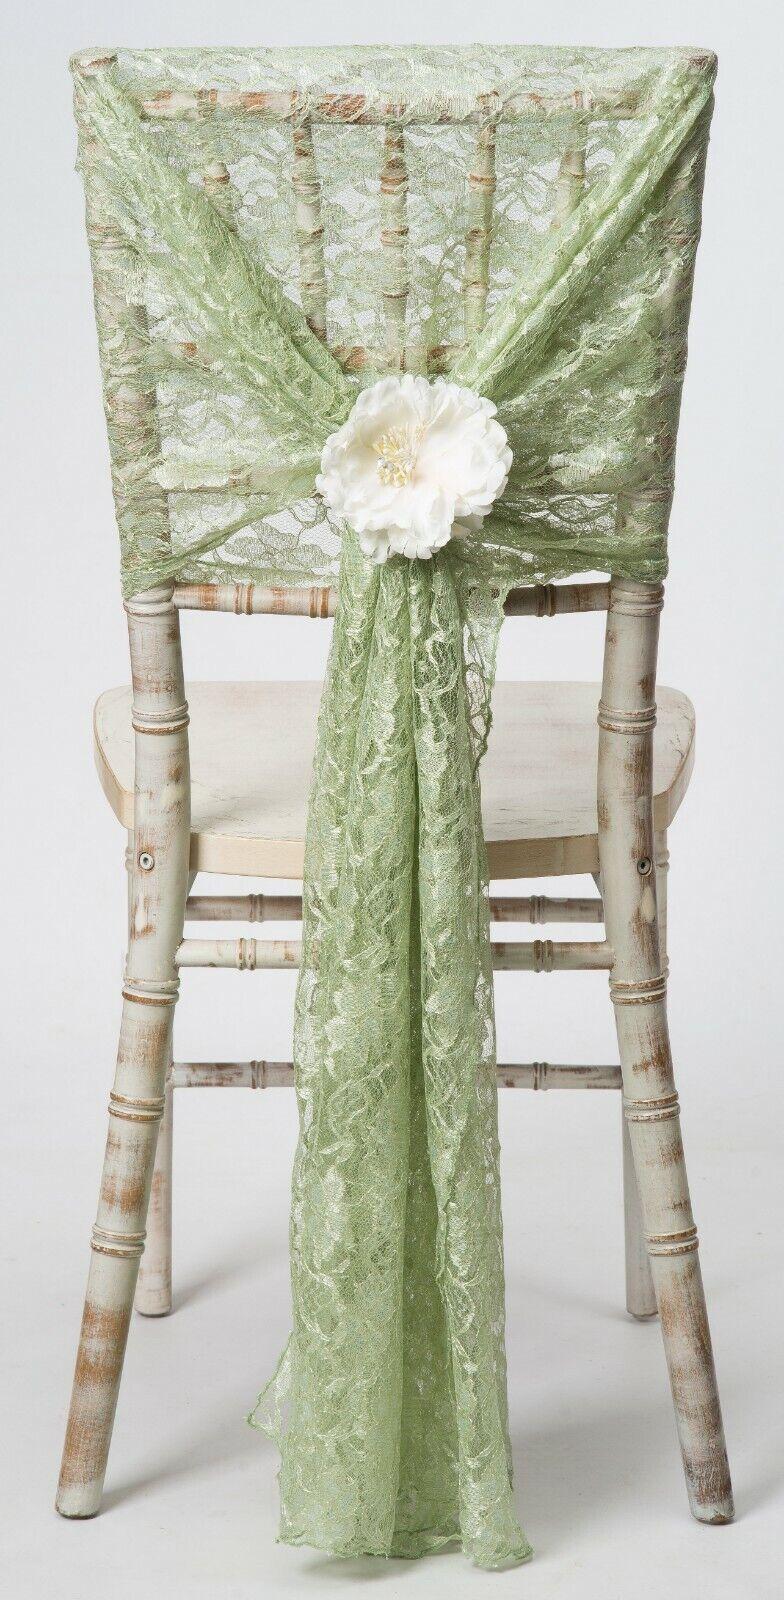 Vert Sauge lacet Chaise Hottes 73.7cmx178cm Evénement Mariage Décor